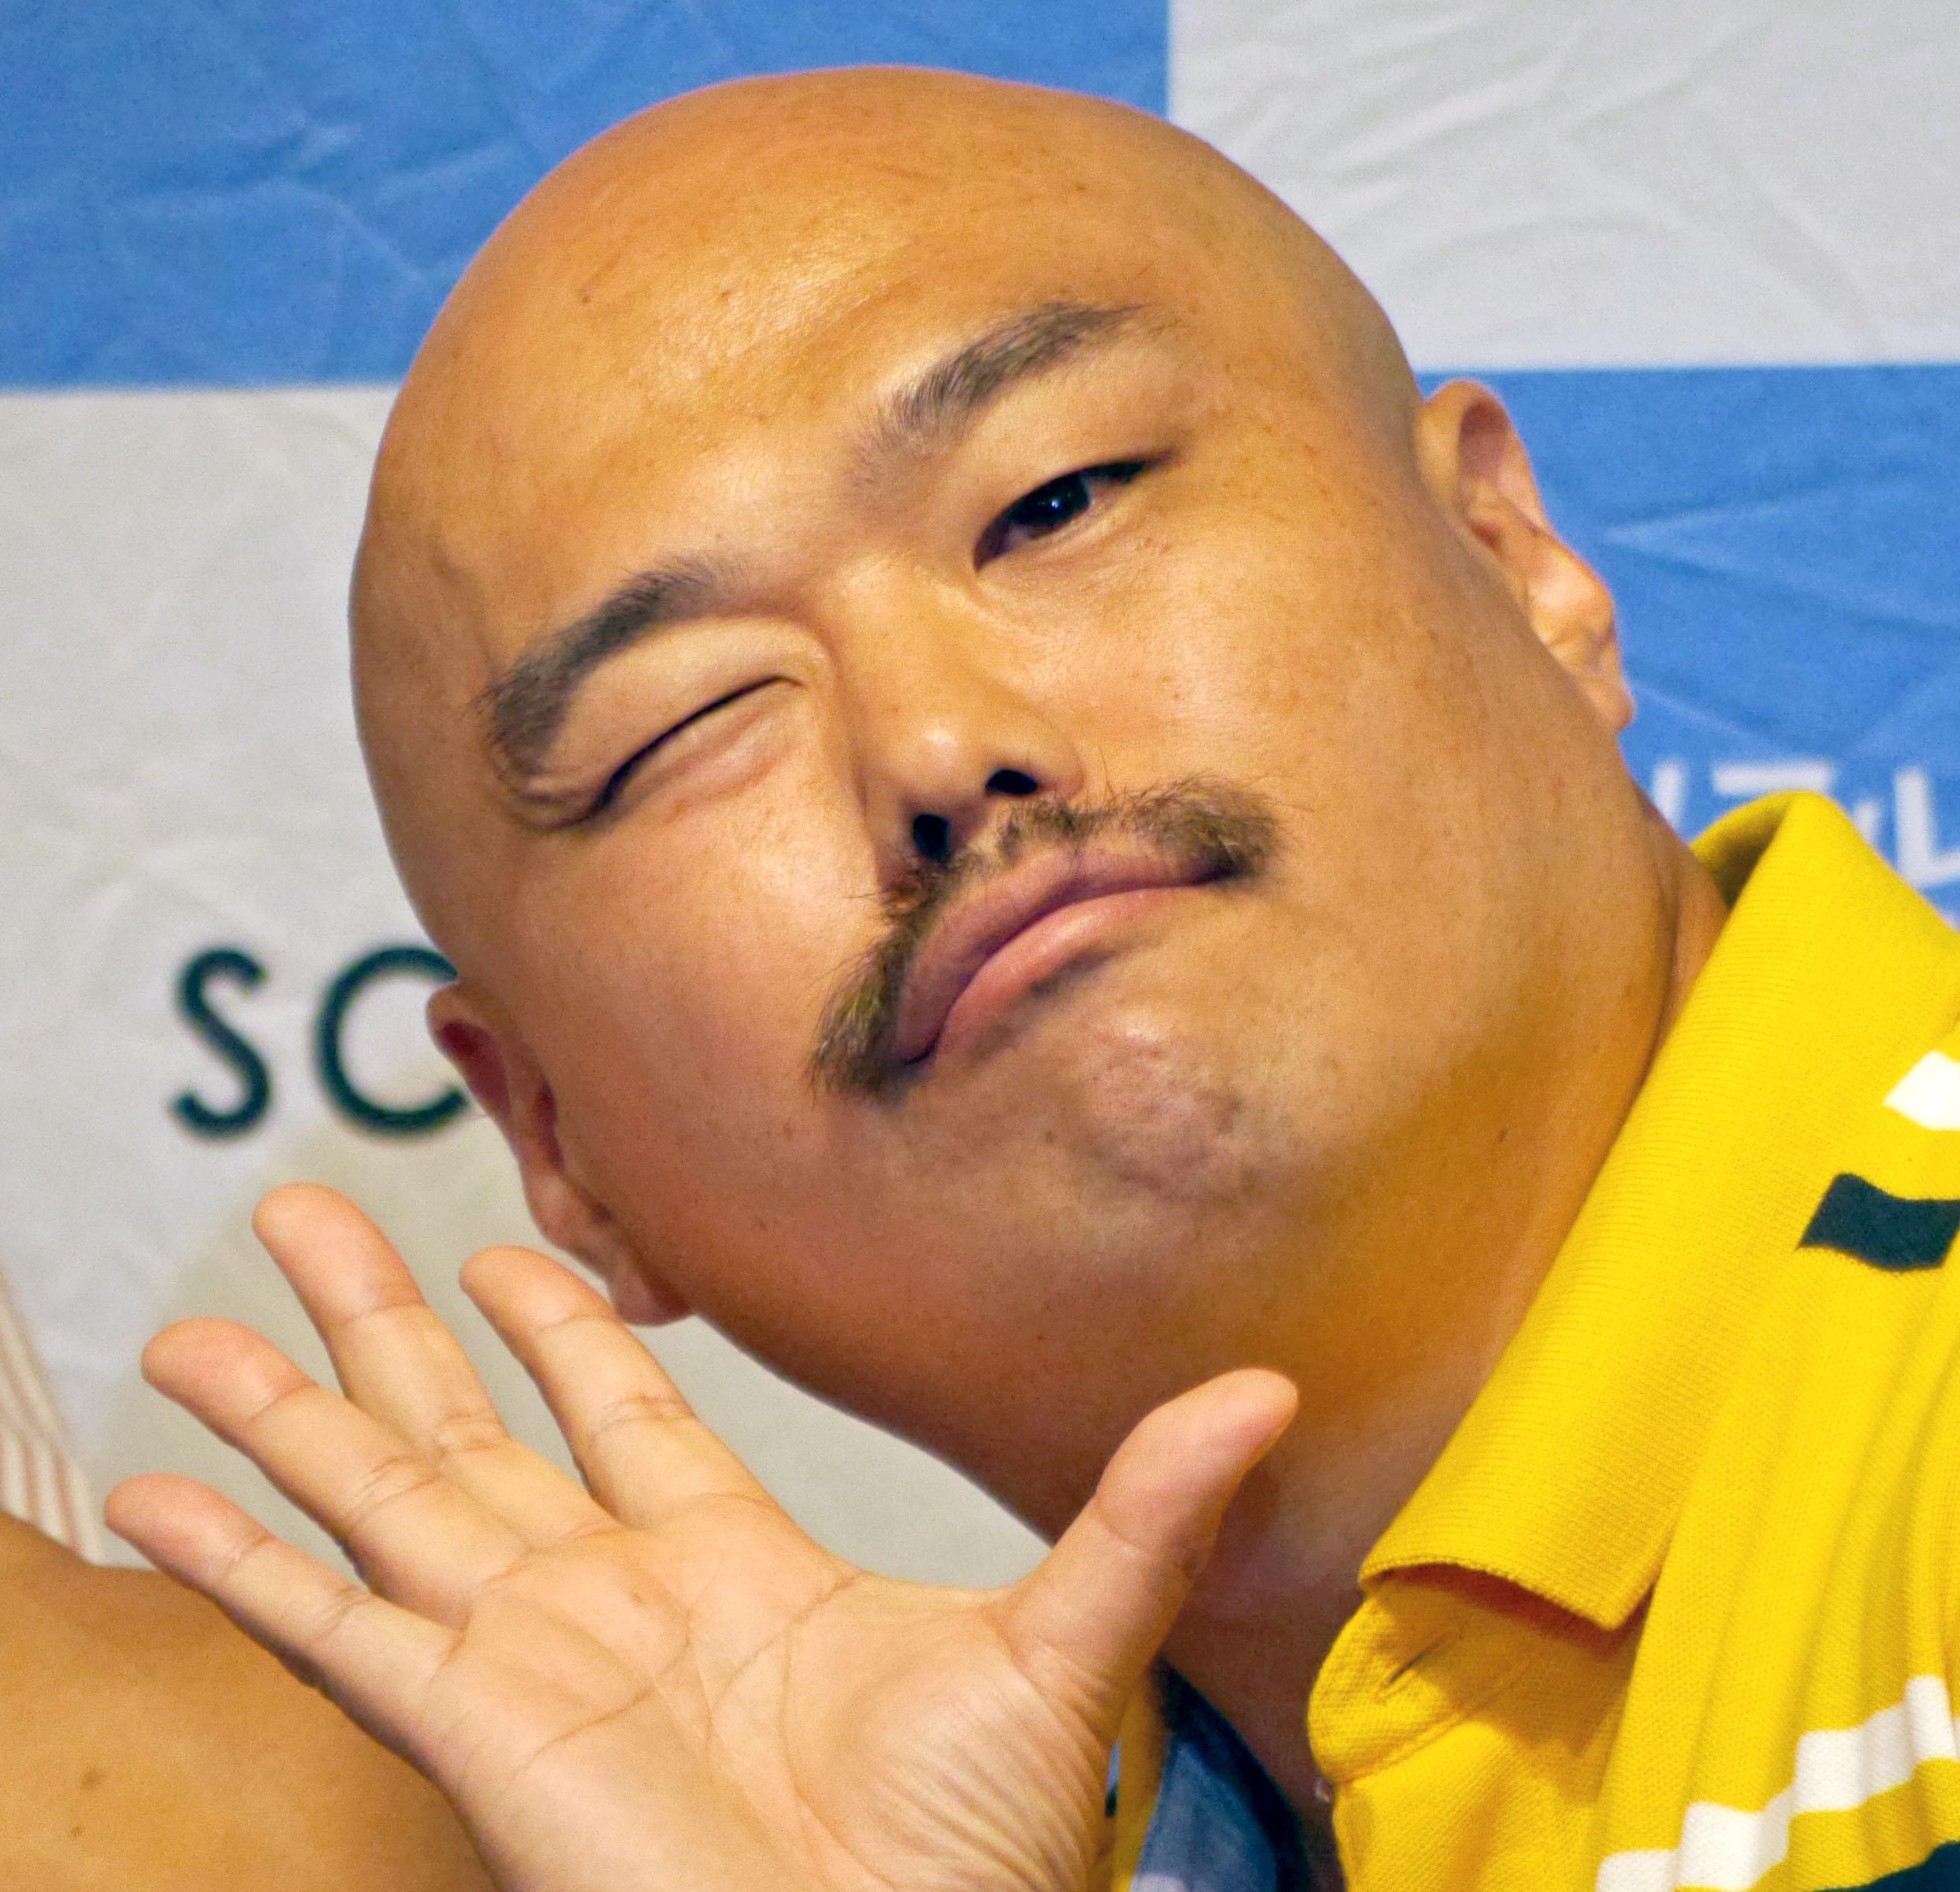 ちゃん クロ クロちゃんが安田大サーカス解散を切り出したゲスすぎる理由